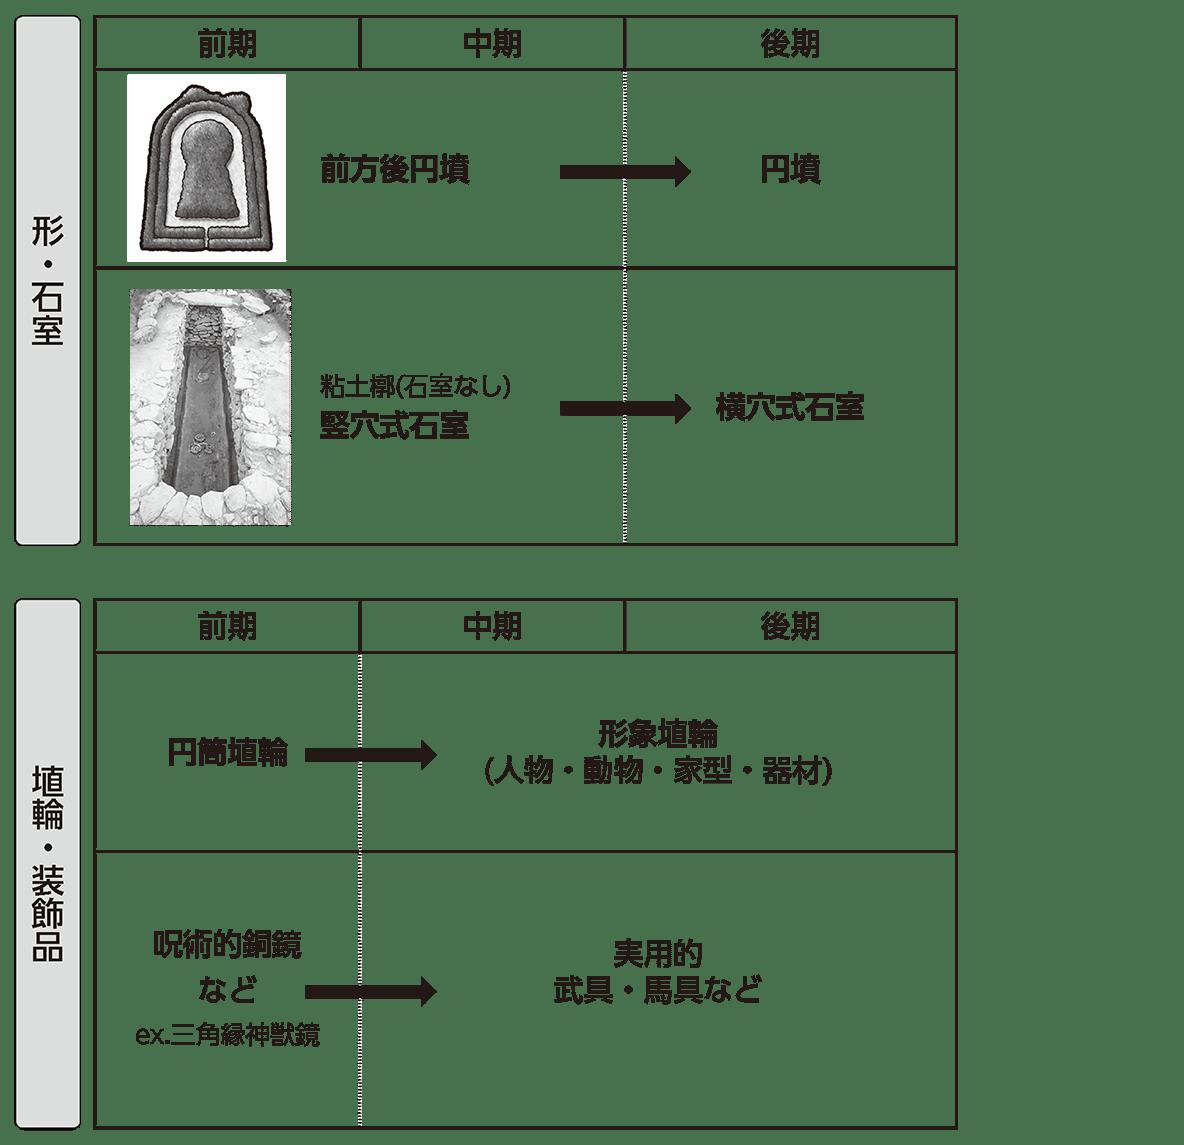 古墳文化1 ポイント1・2 形・石室と埴輪・装飾品